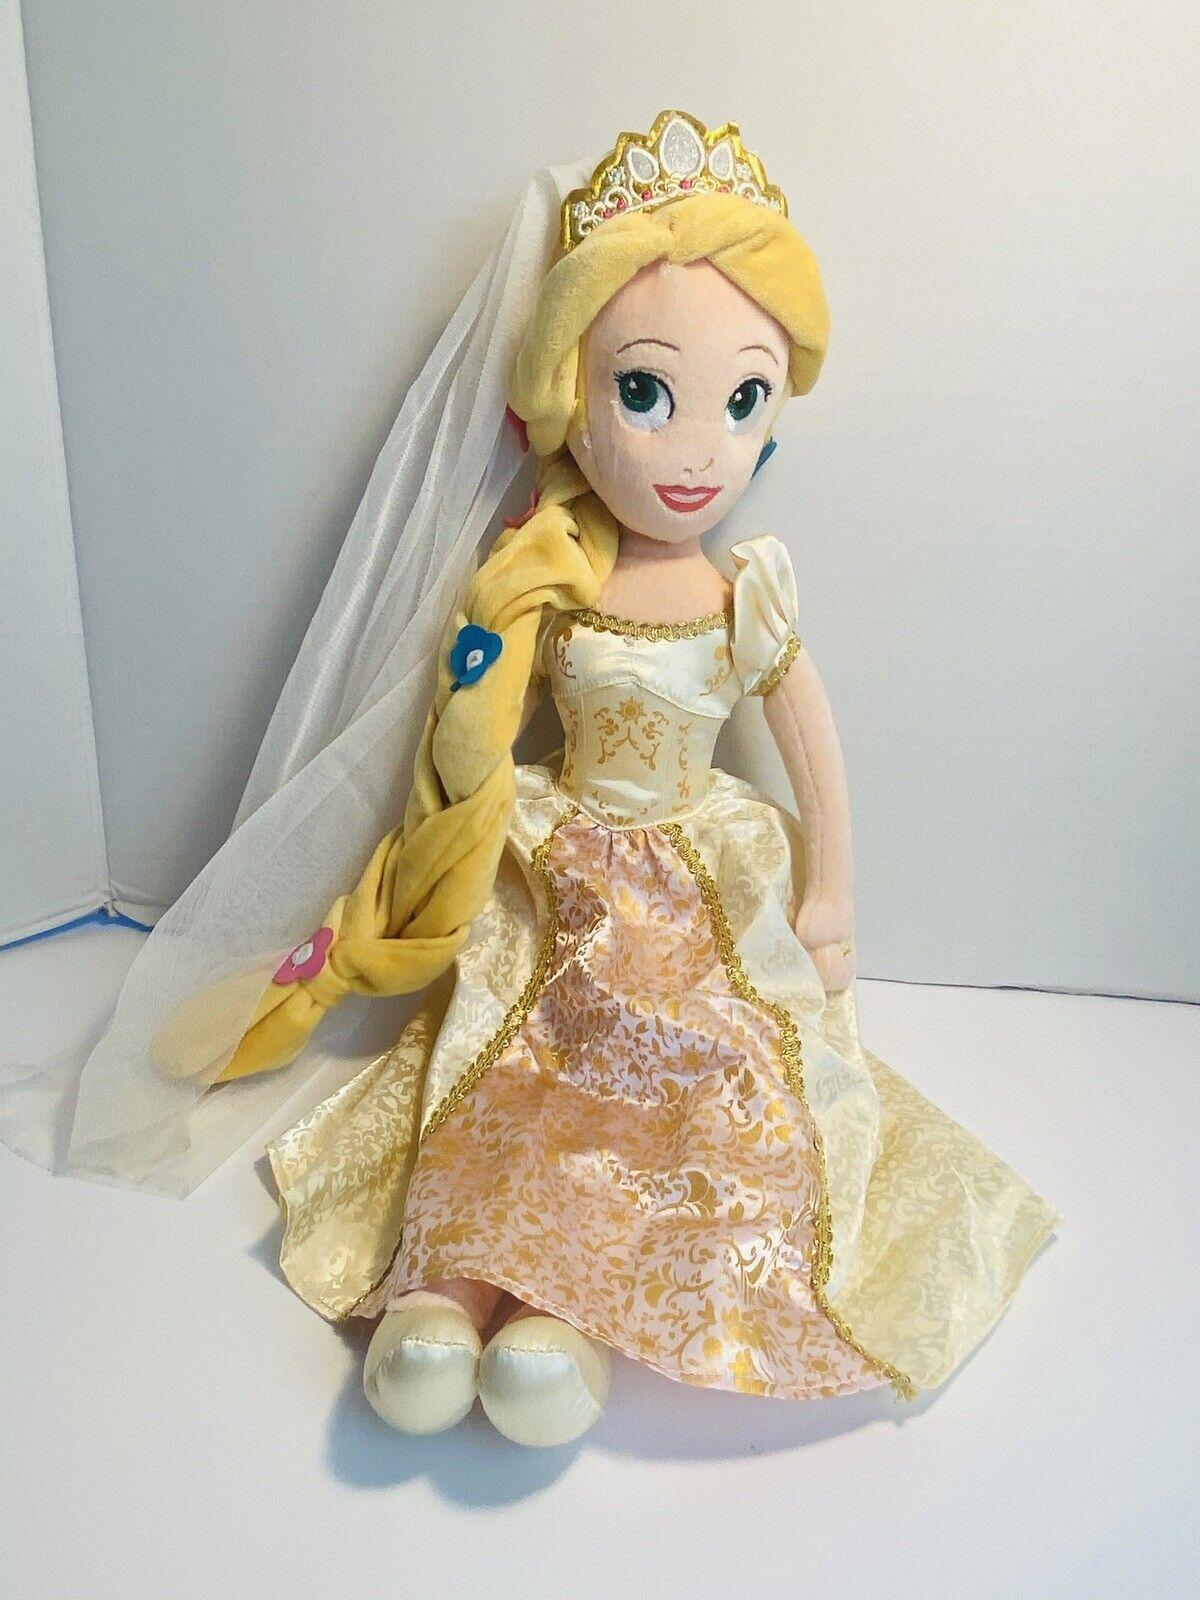 Unibearsity Costume For Plush Doll Rapunzel Wedding Tangled Disney Japan For Sale Online Ebay